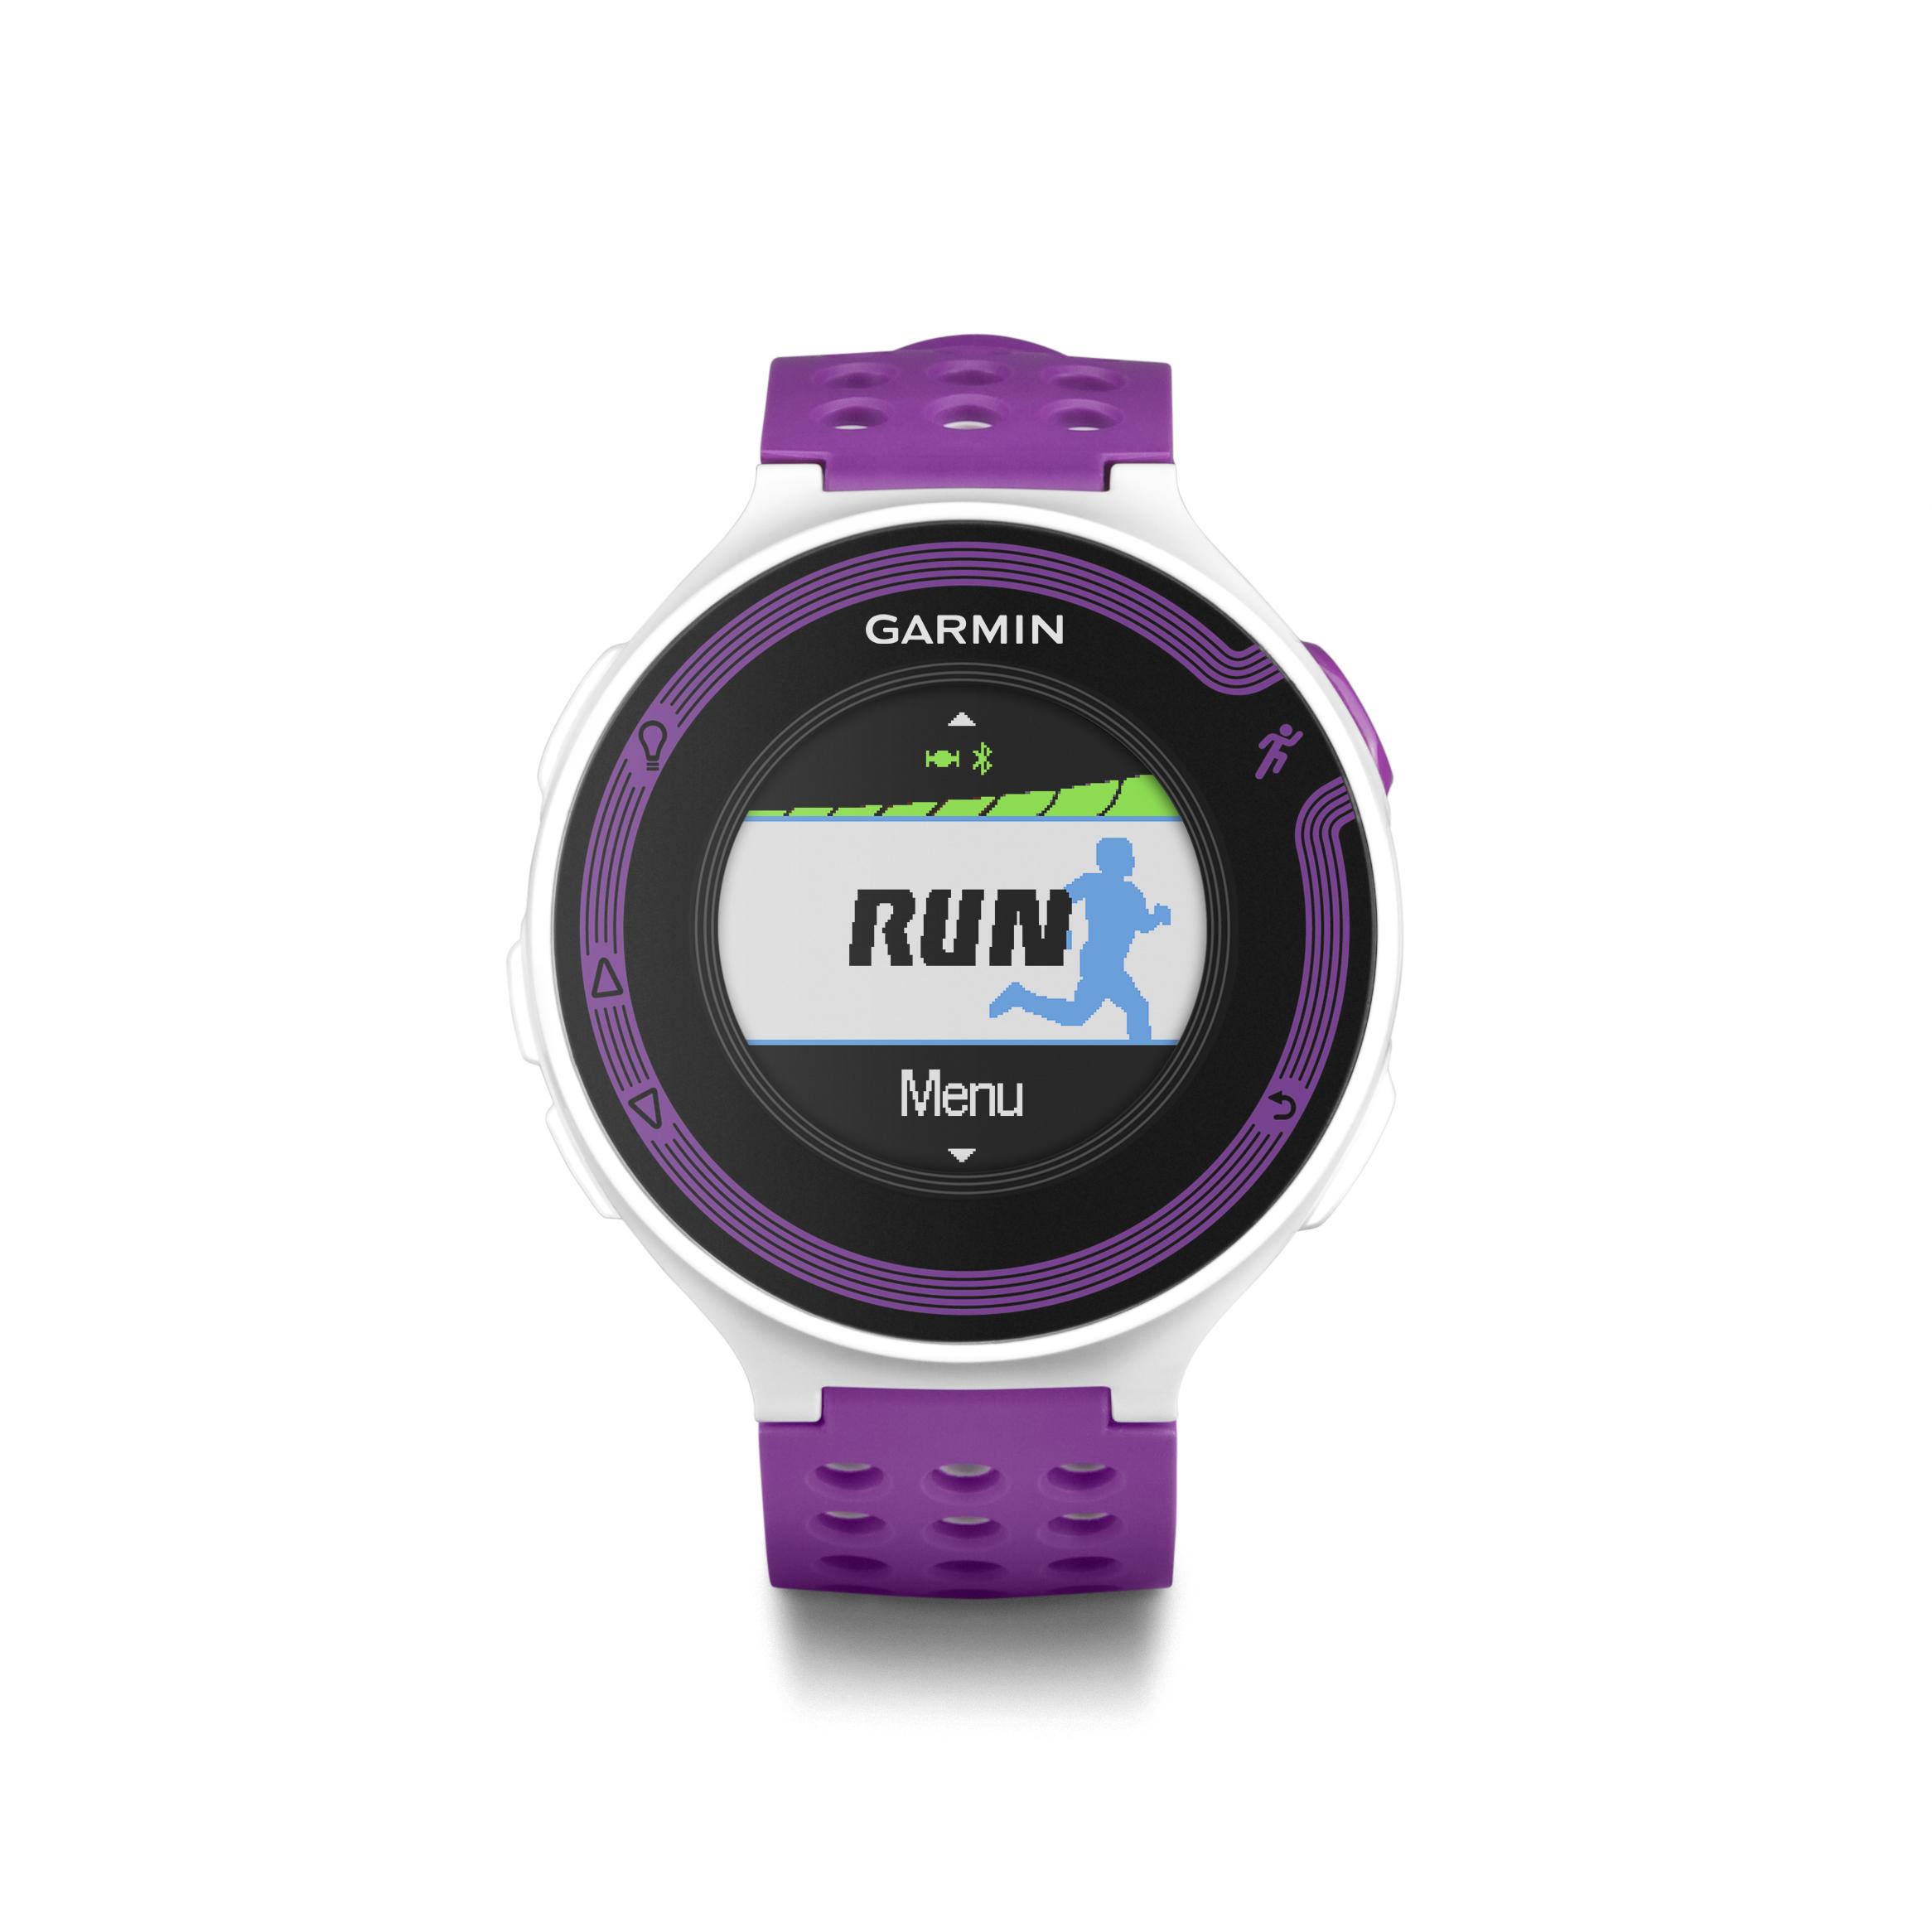 Garmin forerunner 220 white violet gps speed distance running sports watch ebay for Garmin watches